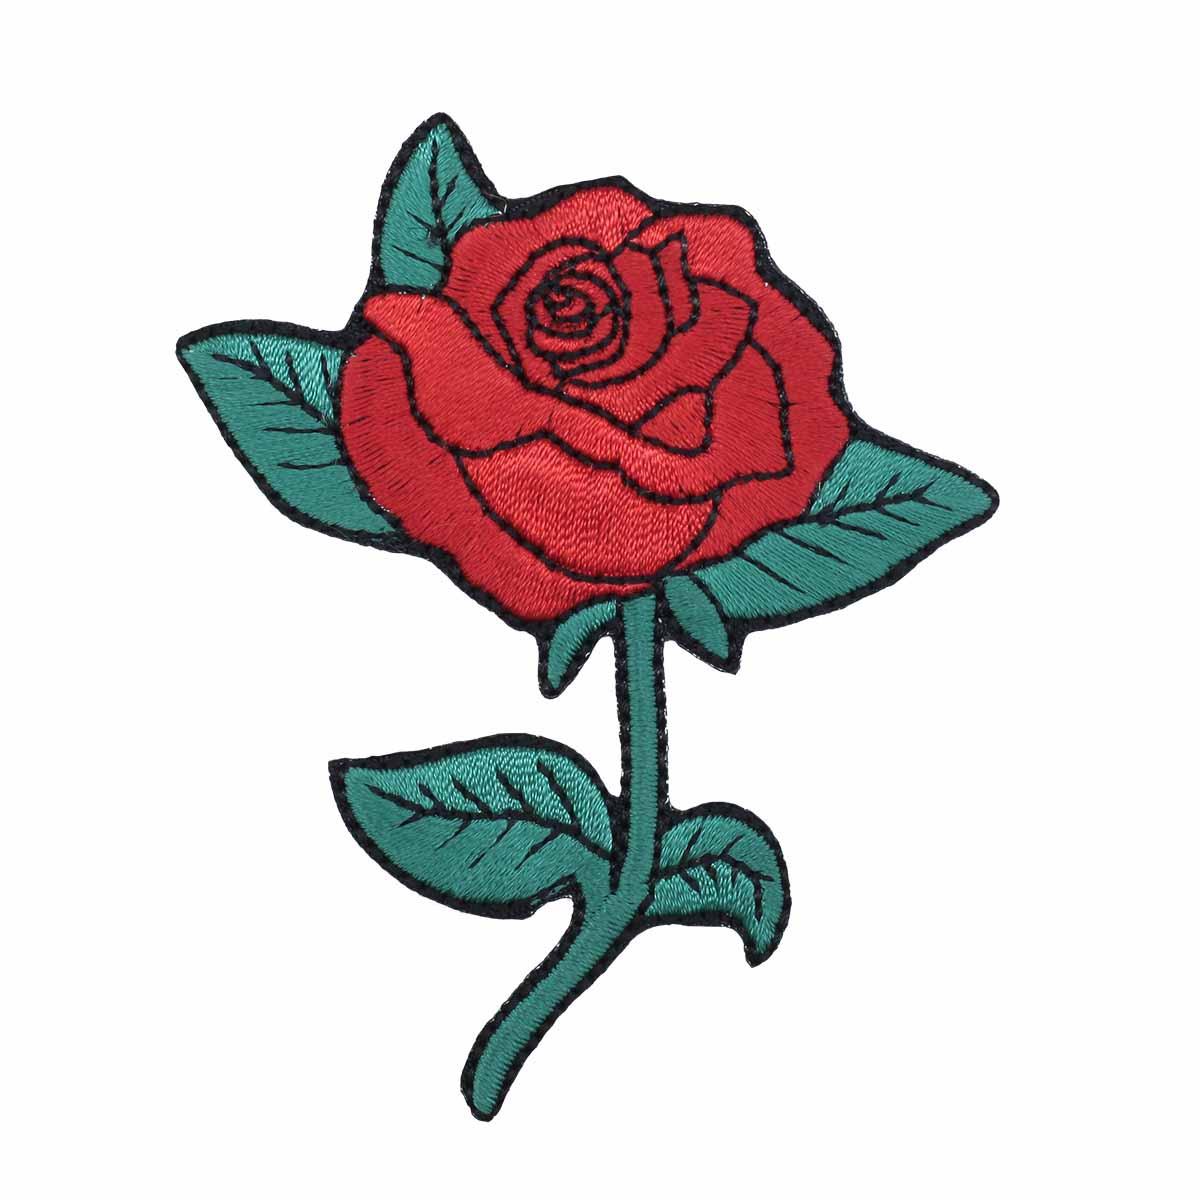 Термоаппликация 'Роза' 8*6,5см Hobby&Pro